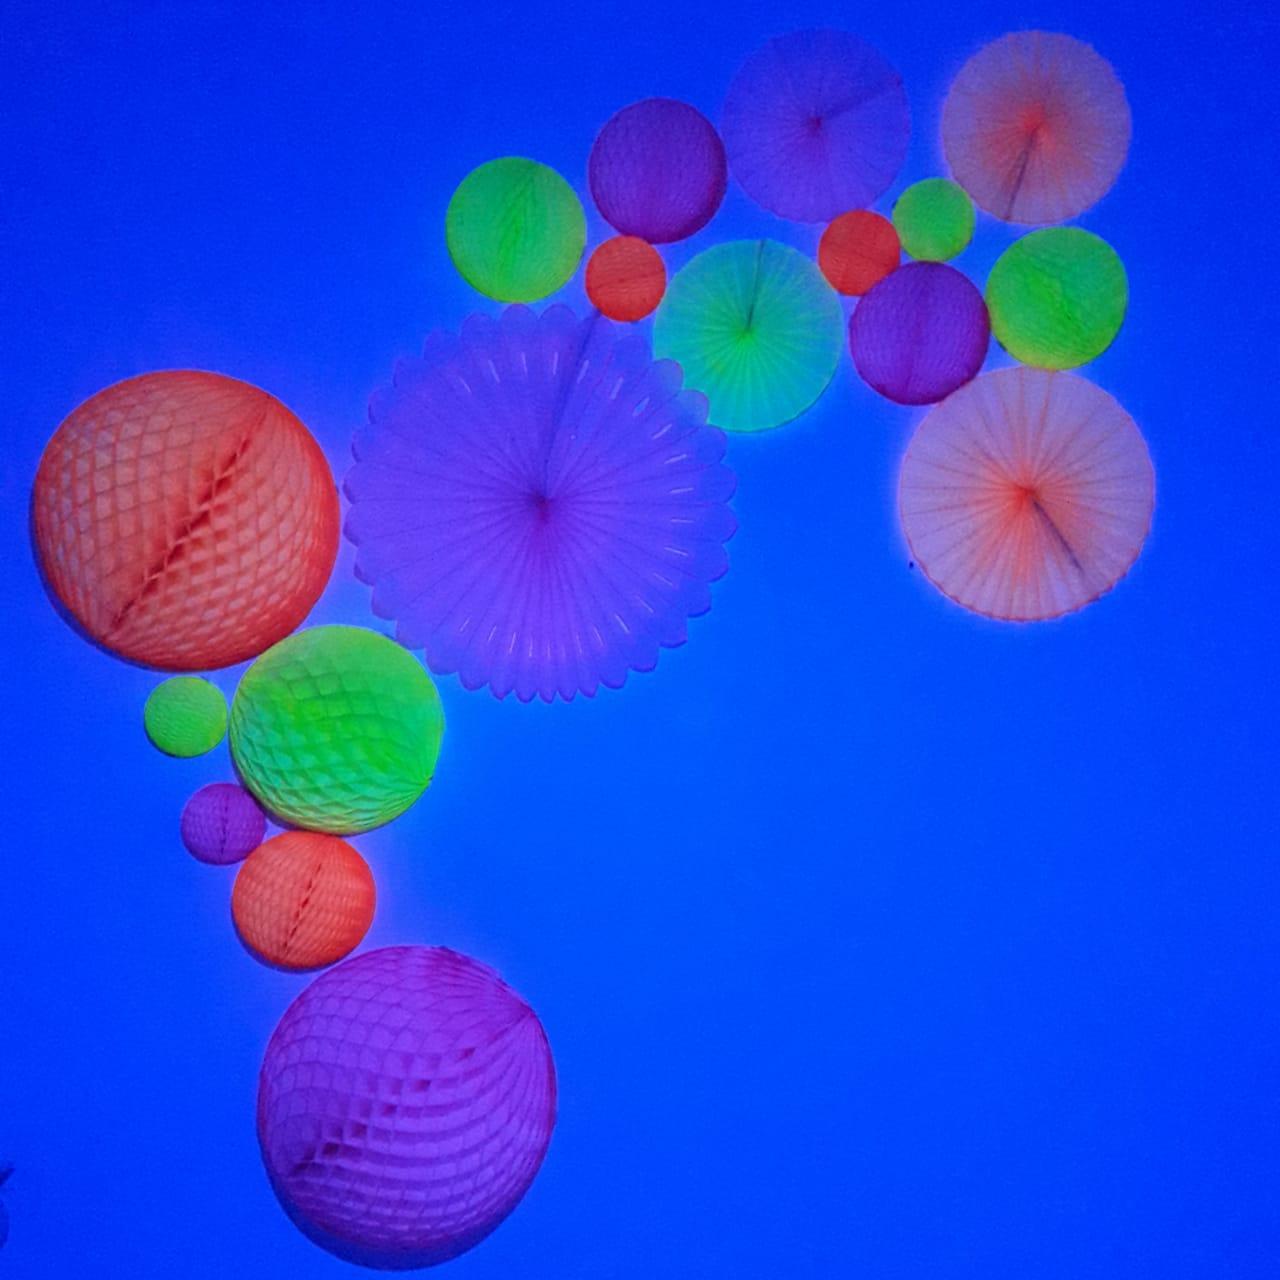 Balão GLOBO Bola de Papel de seda Cor Amarelo Fluorescente (brilha na luz negra) GiroToy Enfeites